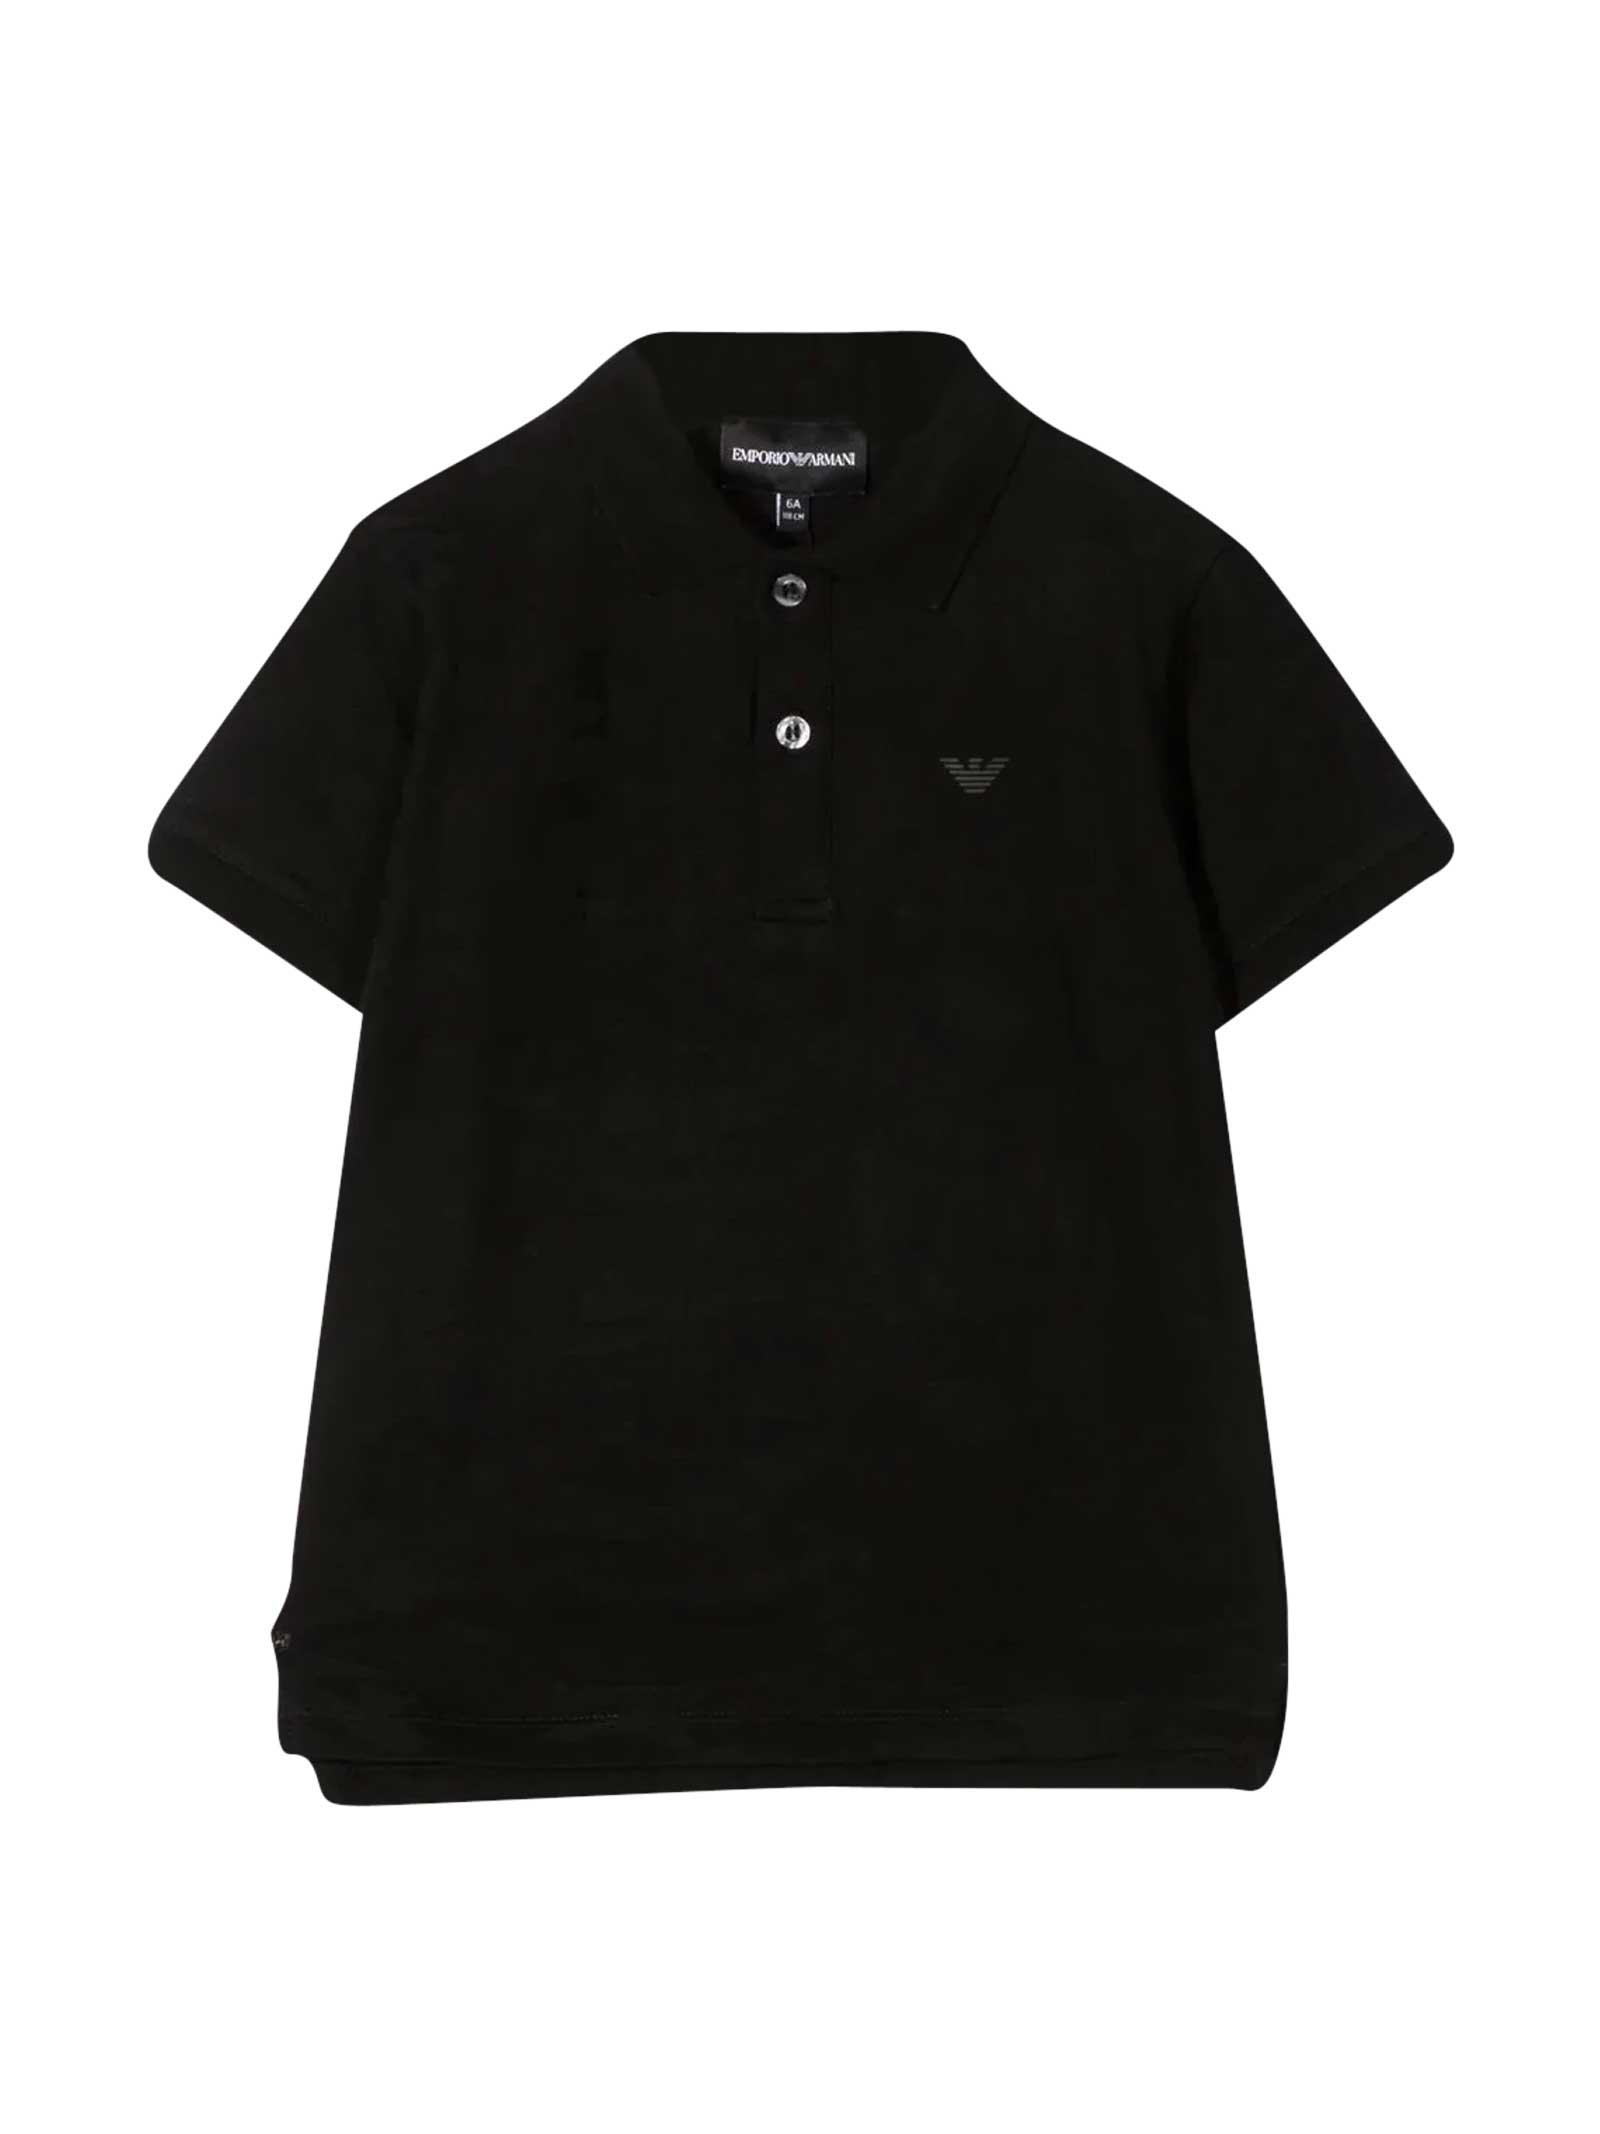 Emporio Armani Black Teen Polo Shirt With Logo